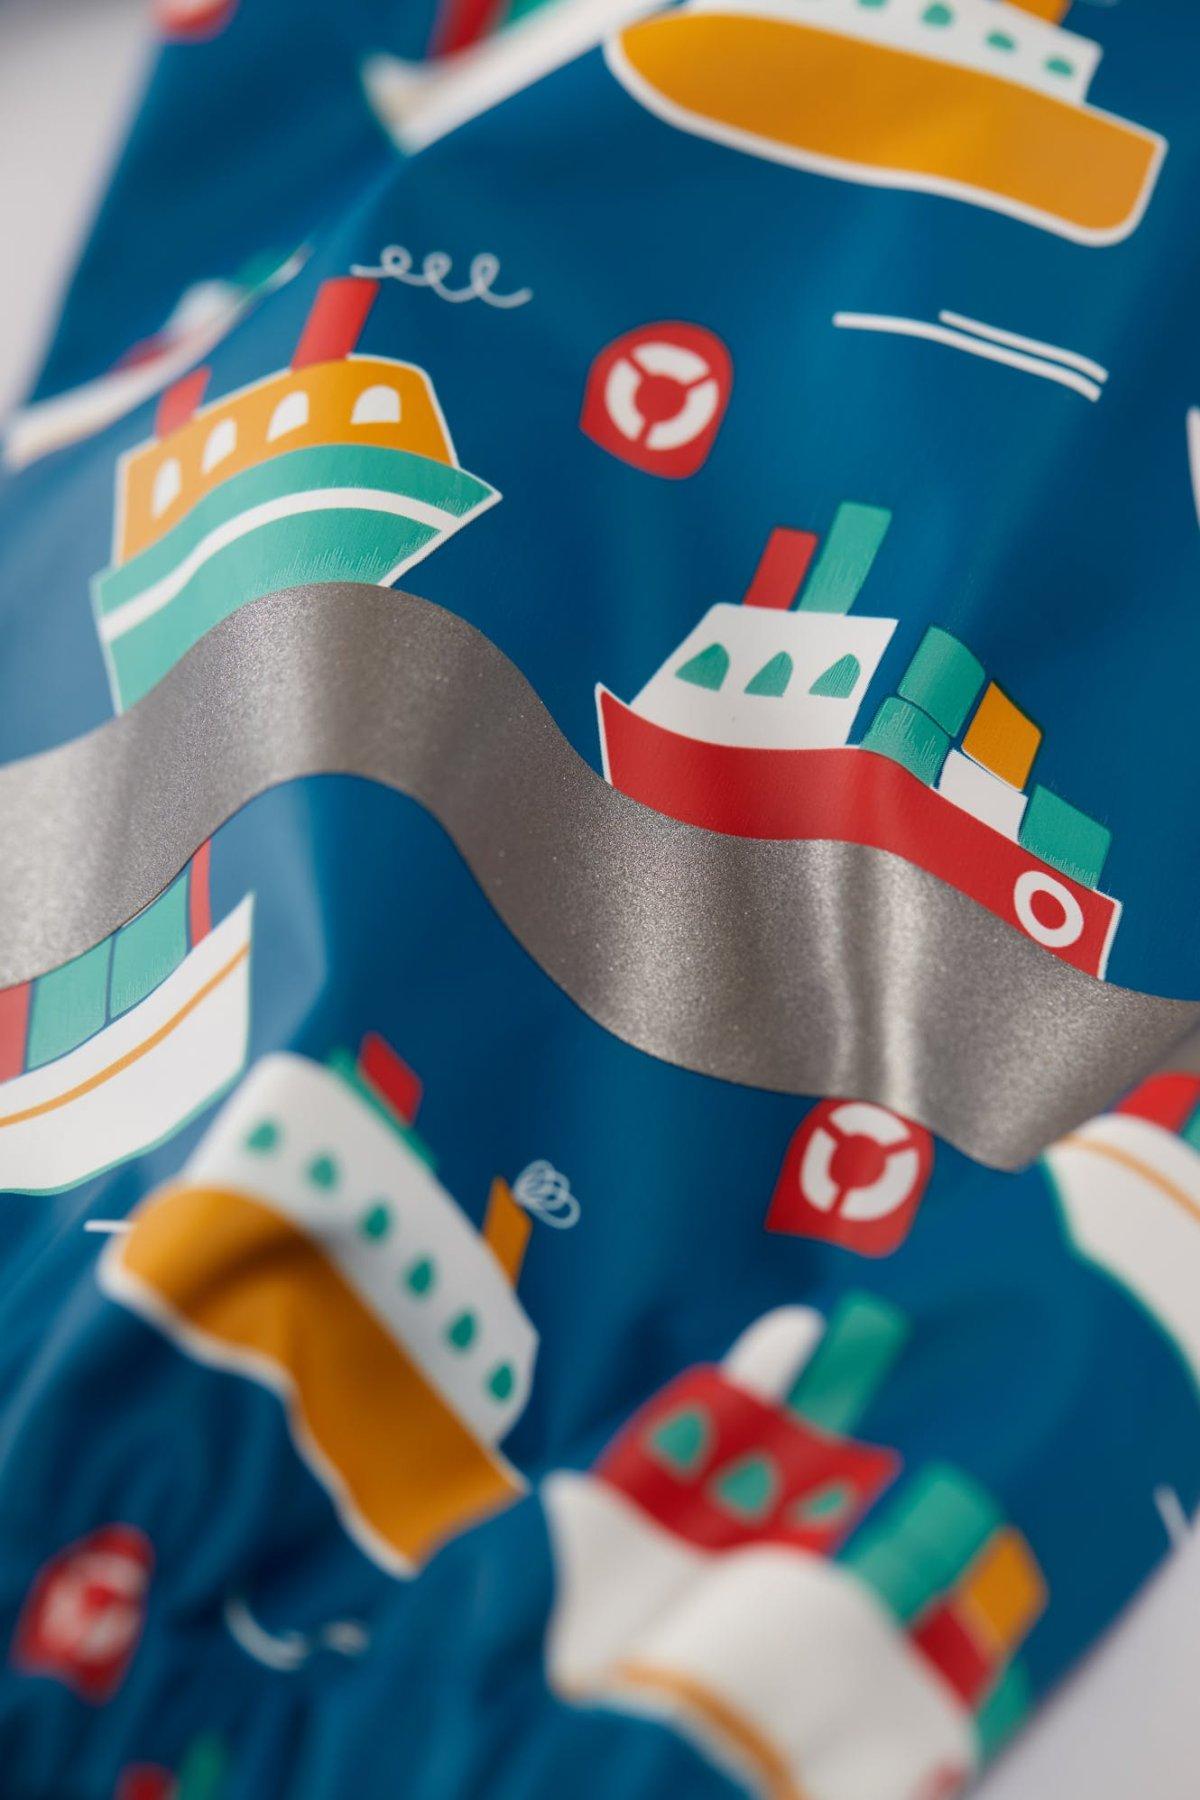 Geacă impermeabilă de ploaie căptușită cu fleece Sail The Seas Puddle Buster Frugi